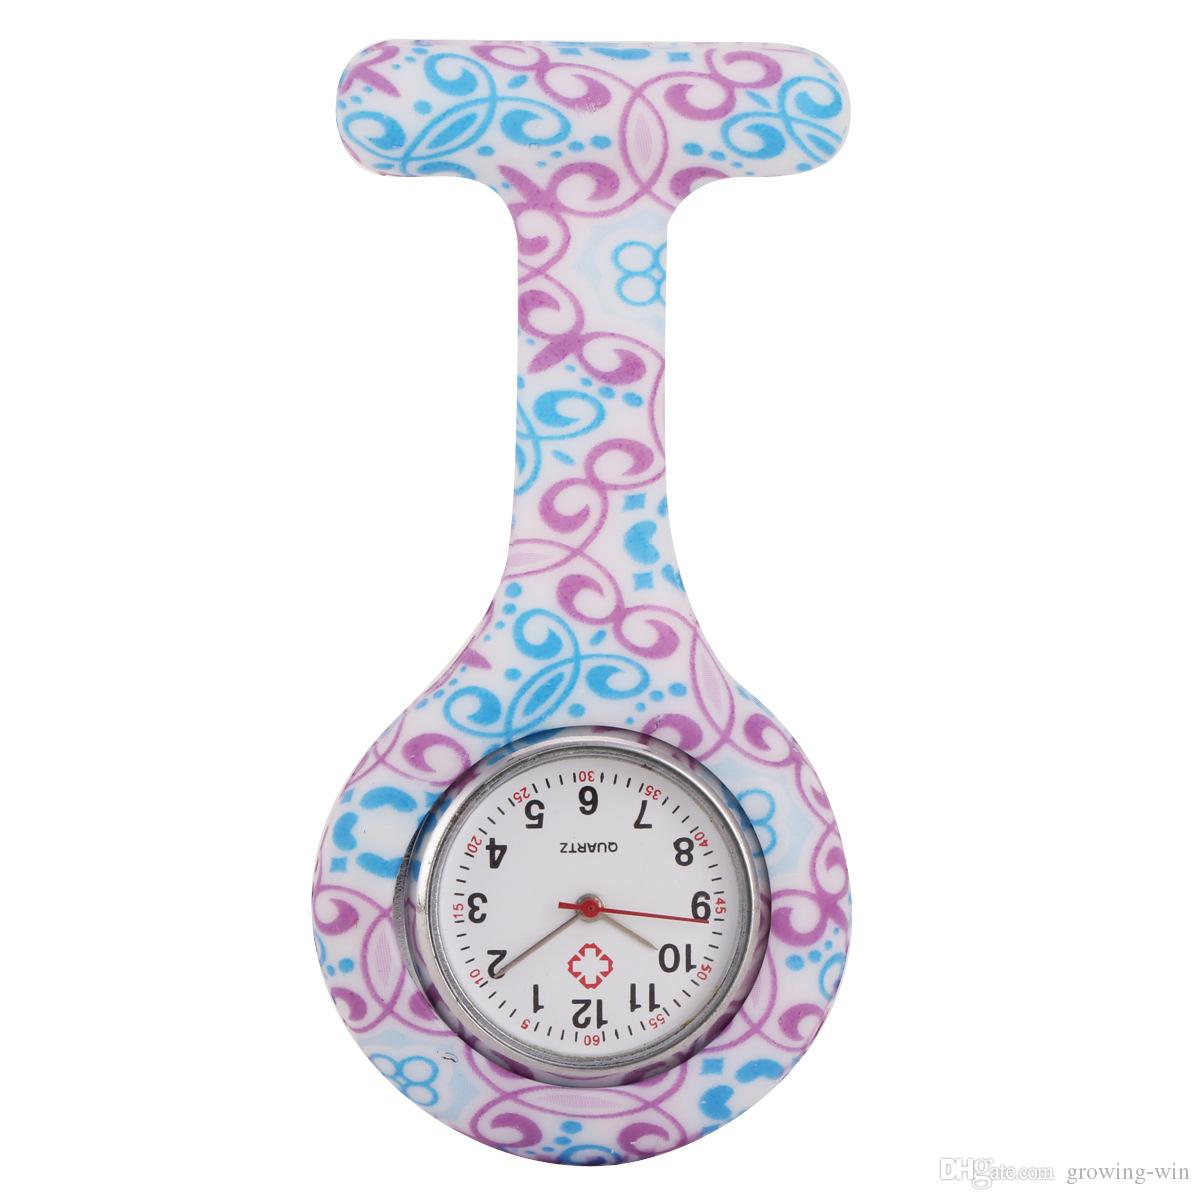 Toptan Moda Unisex Hemşire Doktor Pin bayan Silikon Kauçuk kamuflaj kuvars İzle Zebra Leopar çiçek Cep şeker saatler